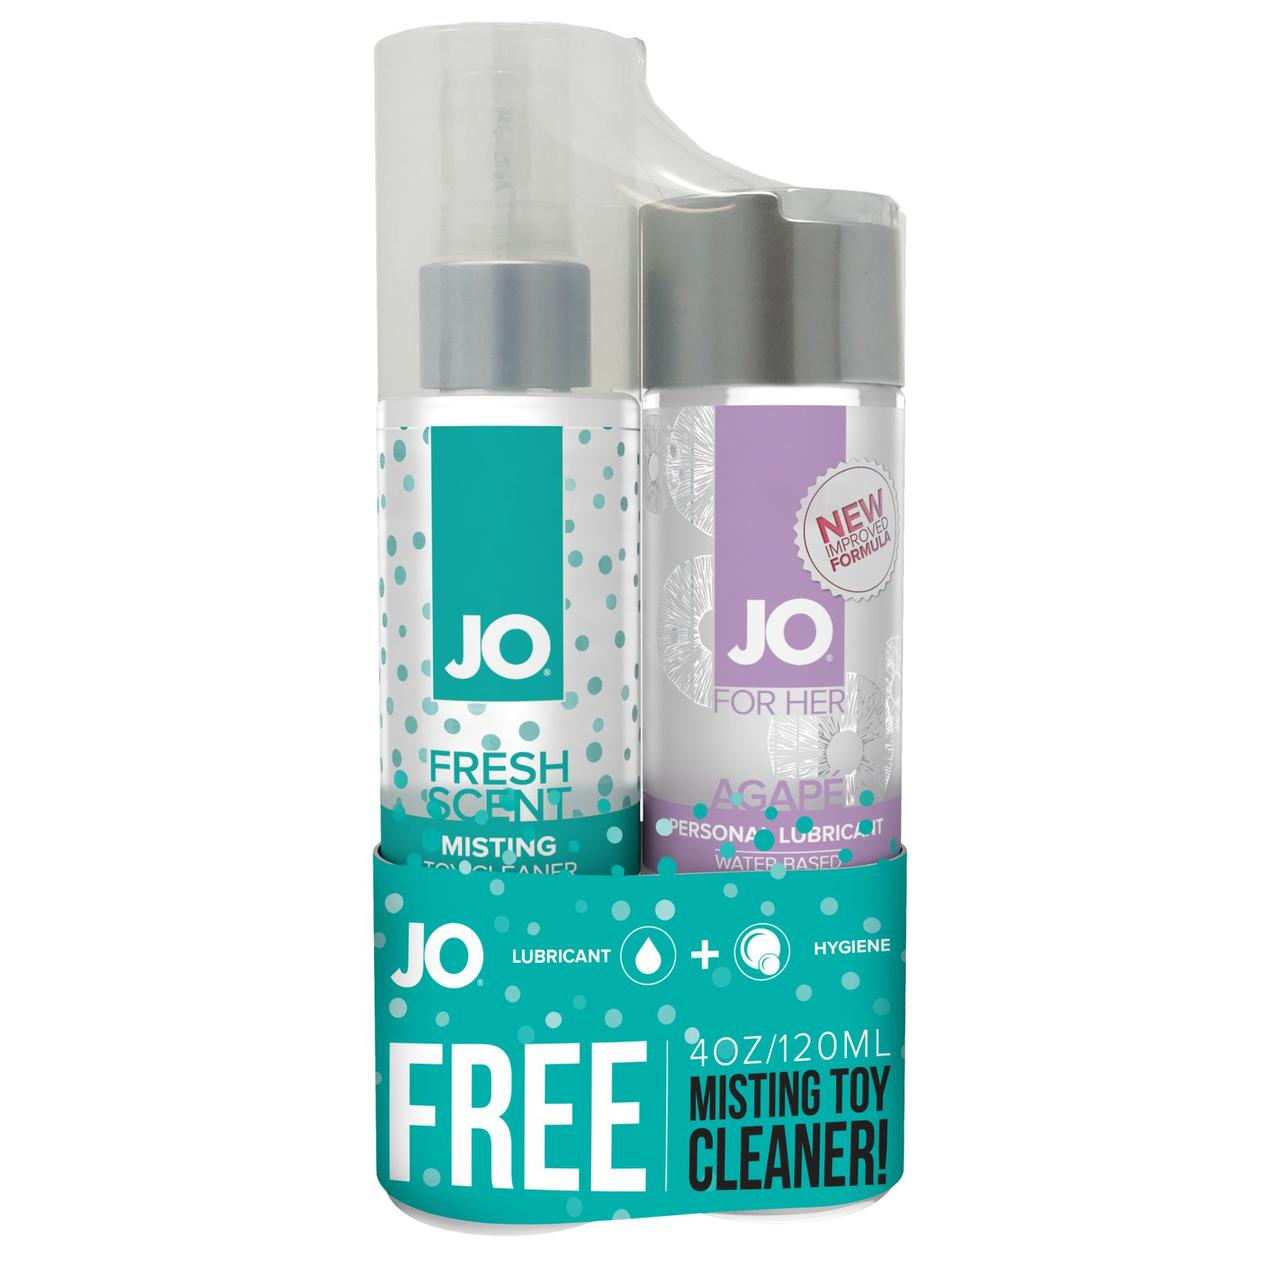 Подарочный набор System JO лубрикант Agape + очиститель для игрушек MistingToy Cleaner